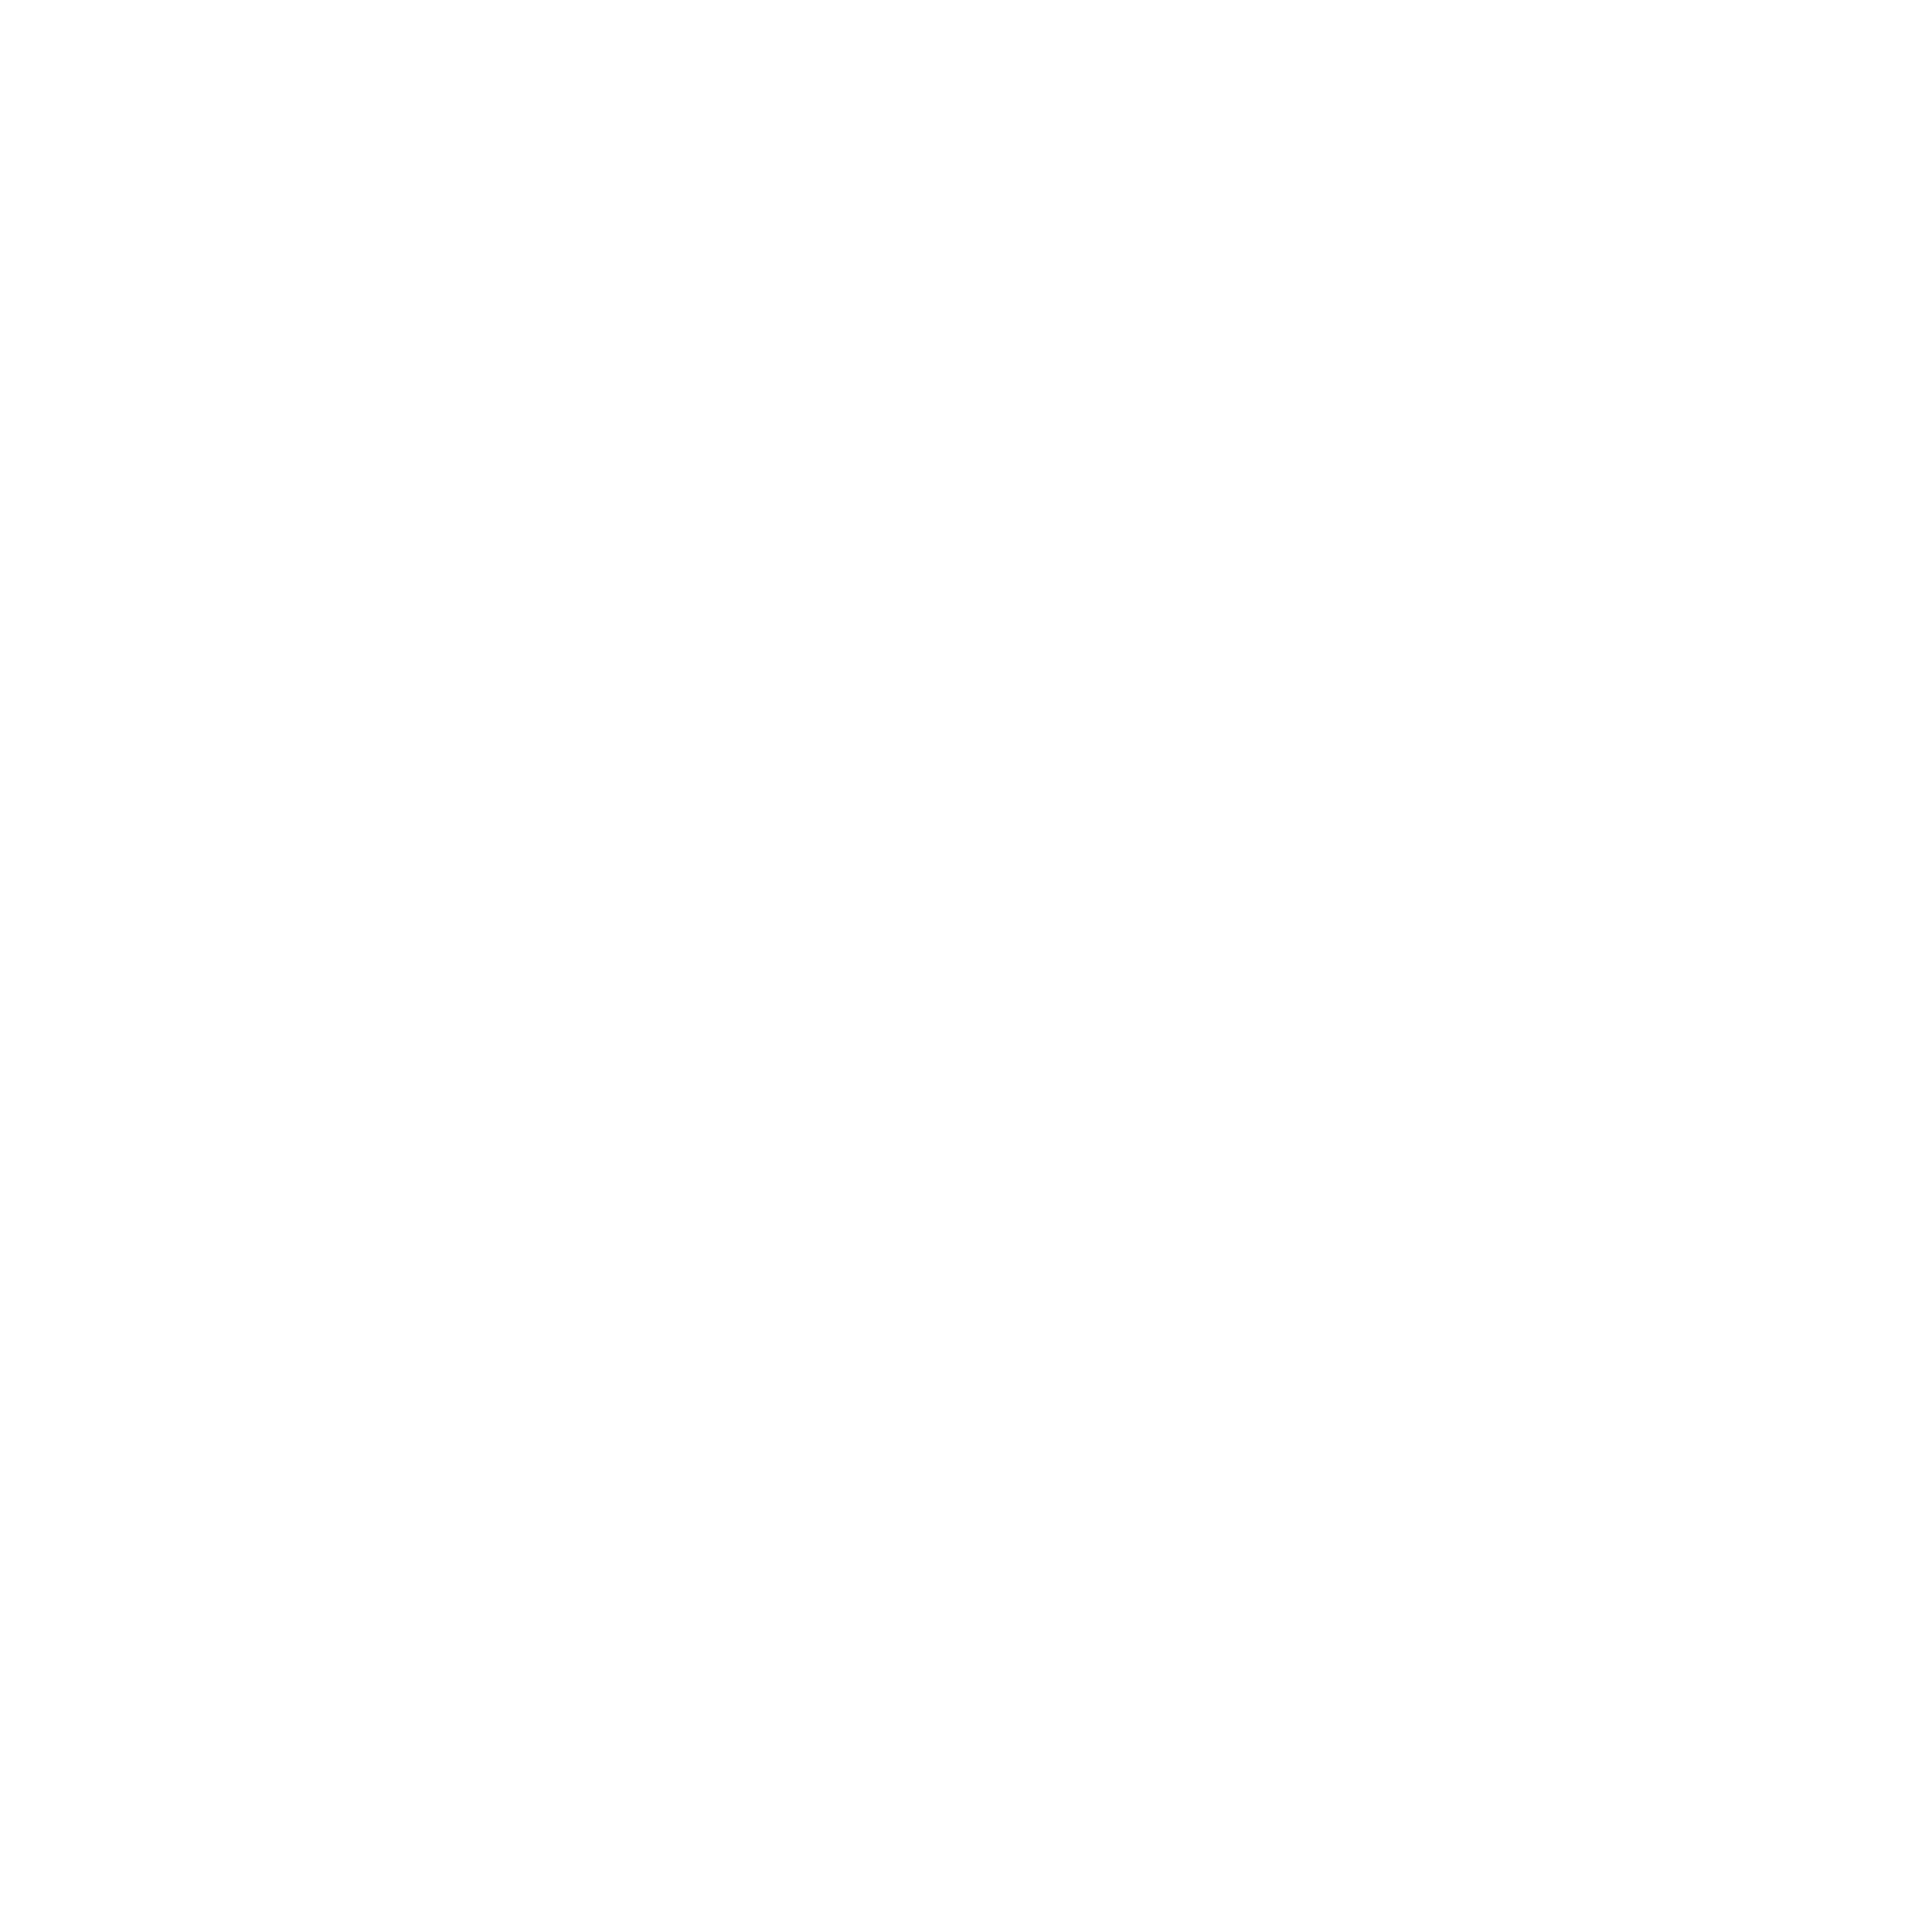 Om oss ikon